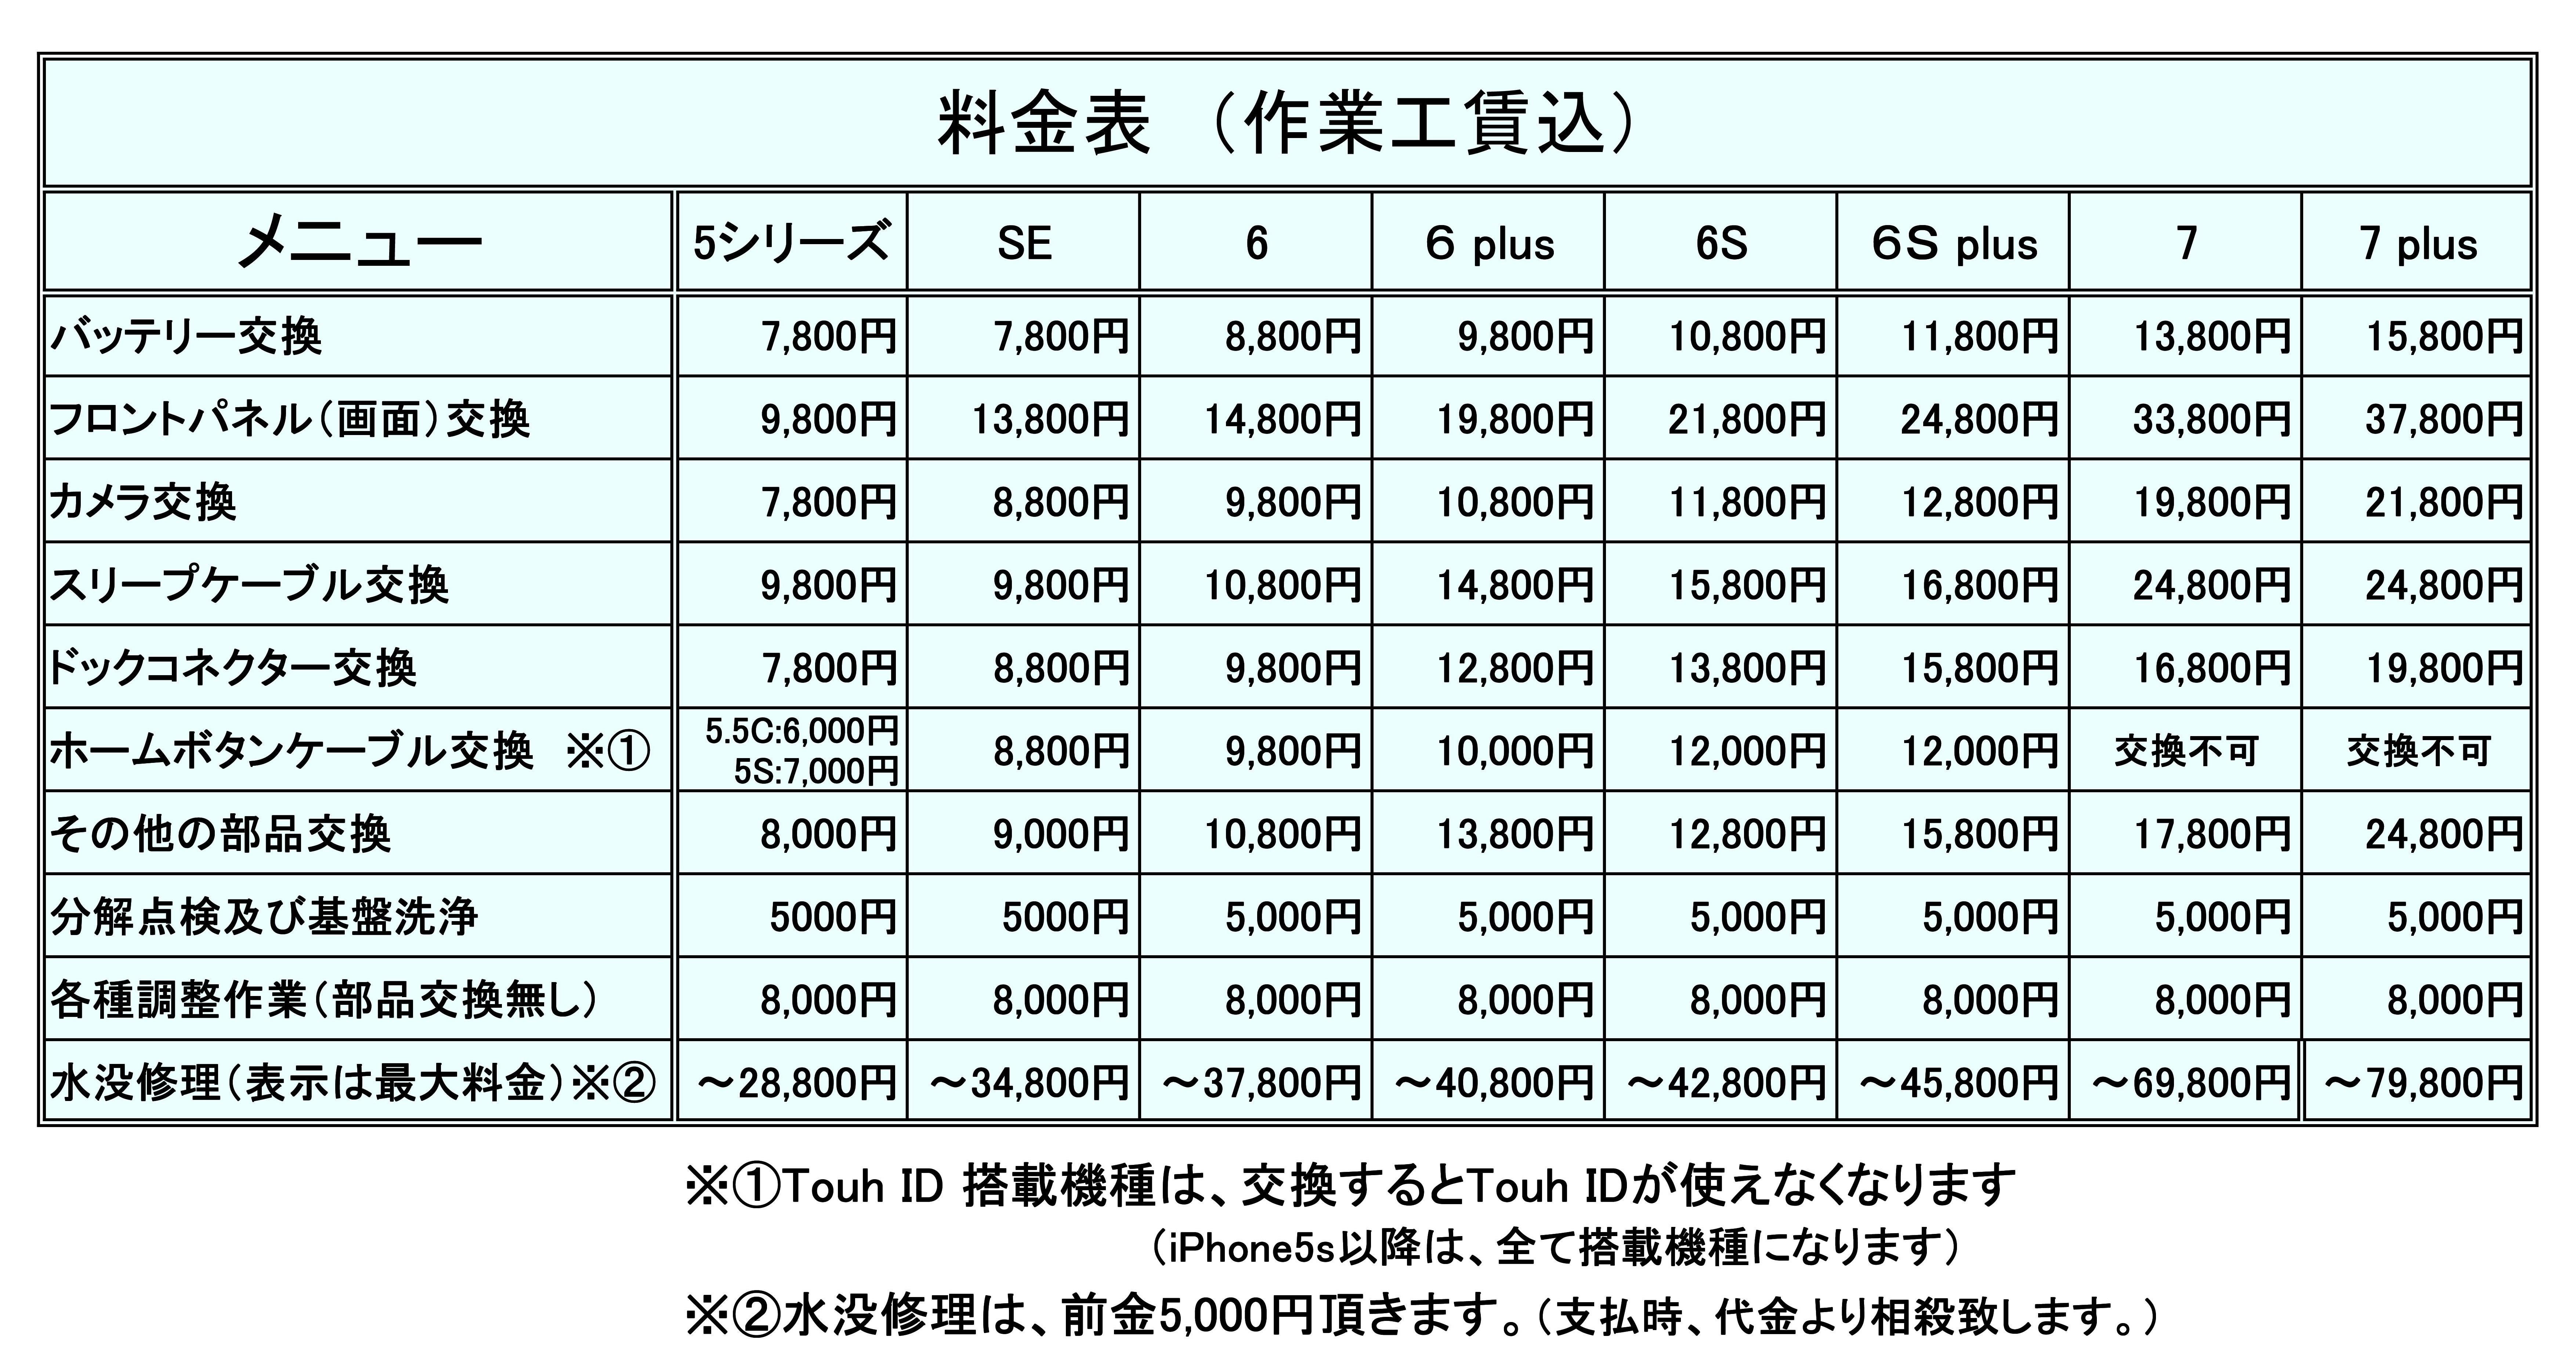 iPhone修理 新料金